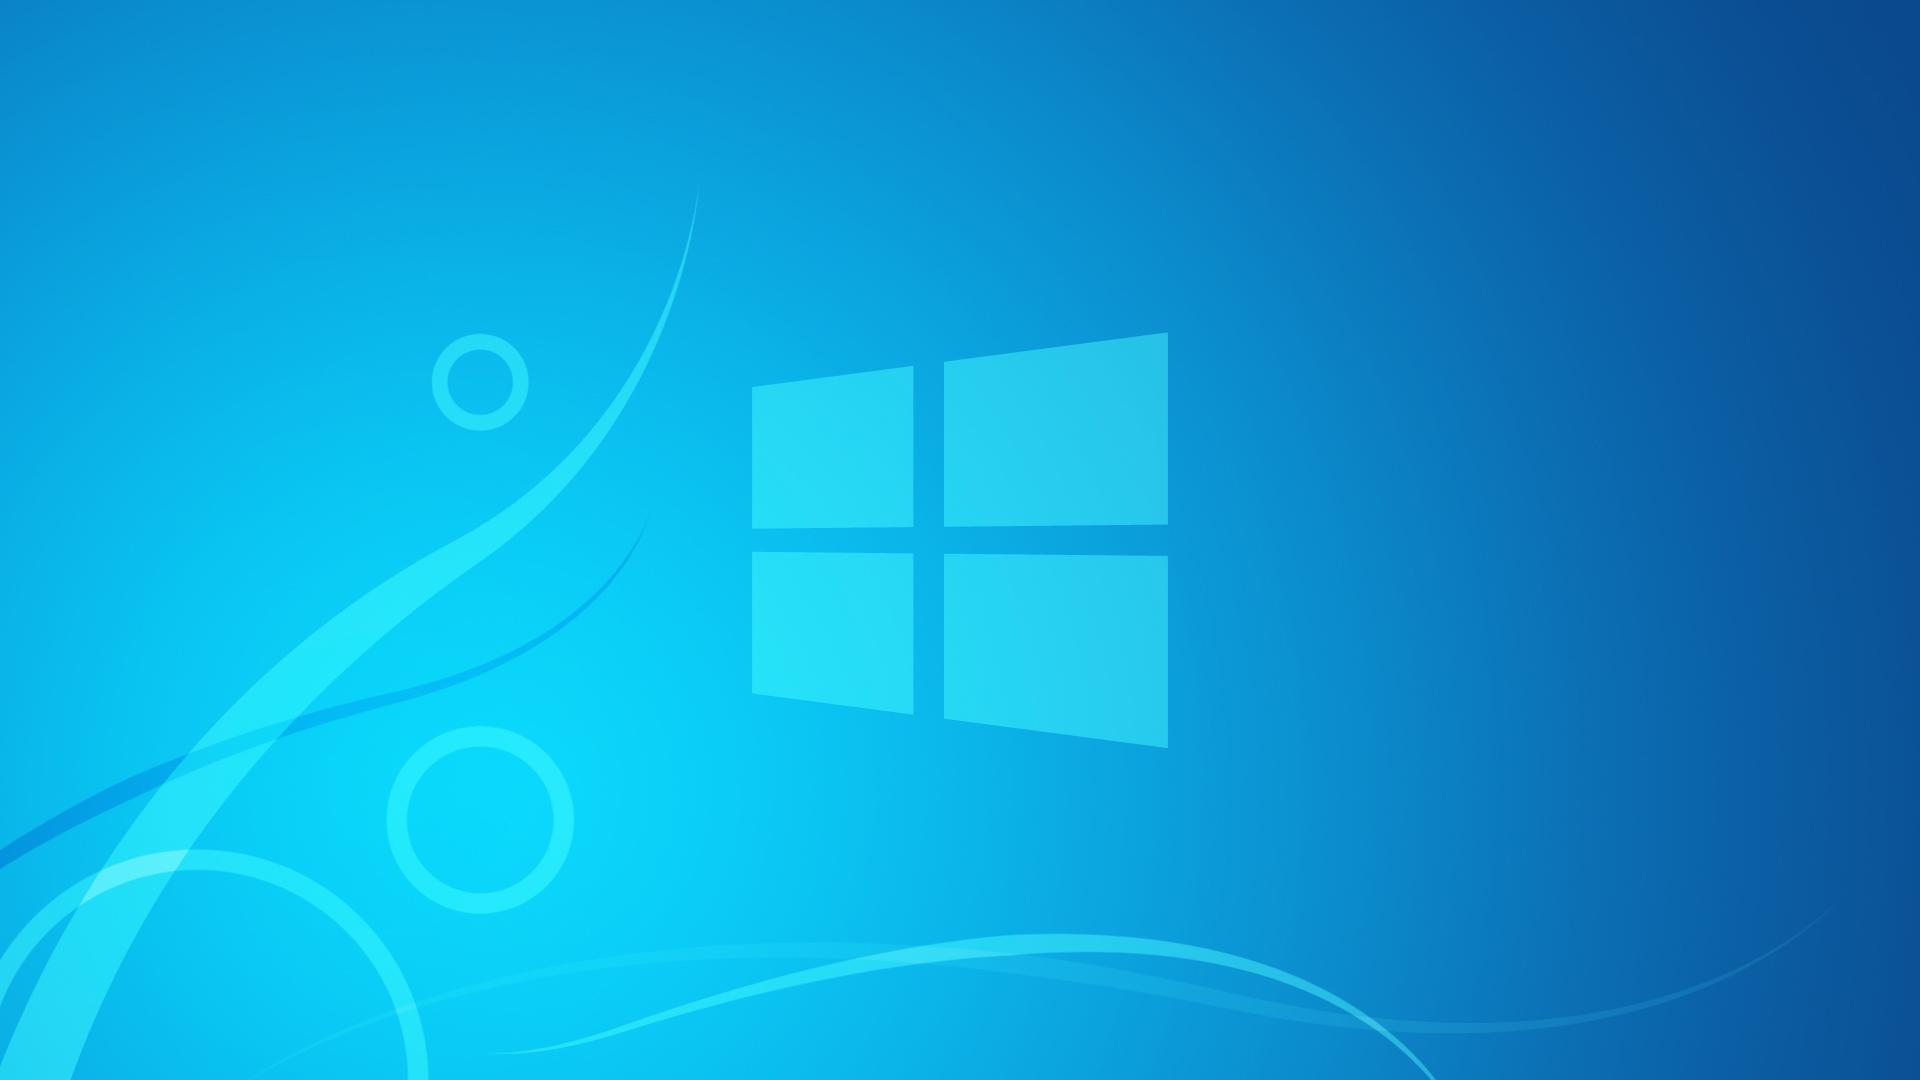 Как на экран блокировки менять обои windows phone 7